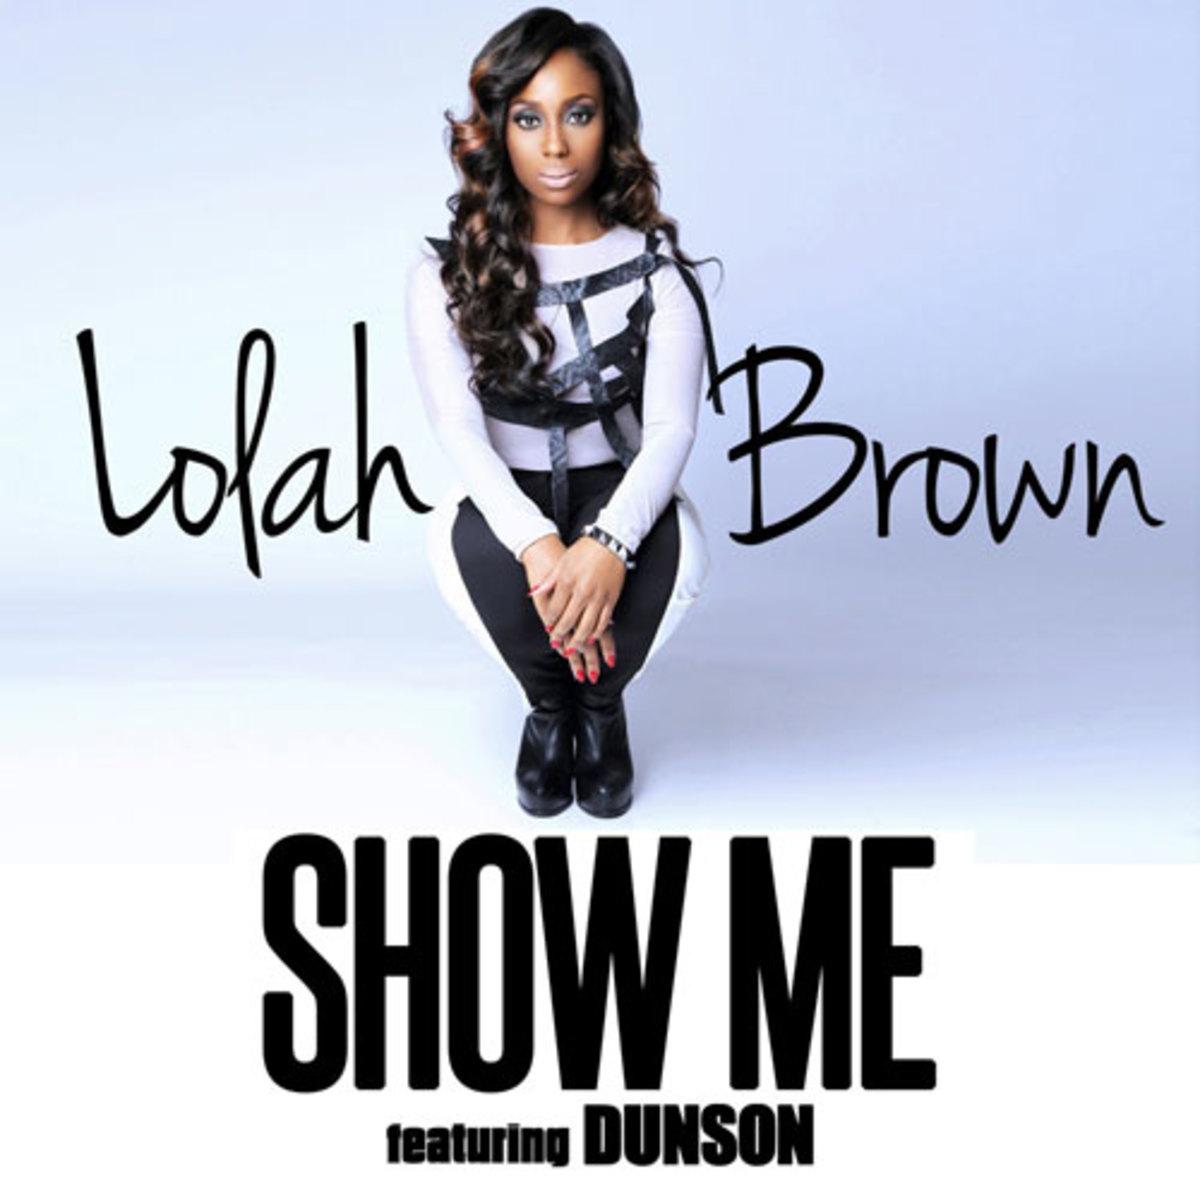 lolahbrown-showme.jpg